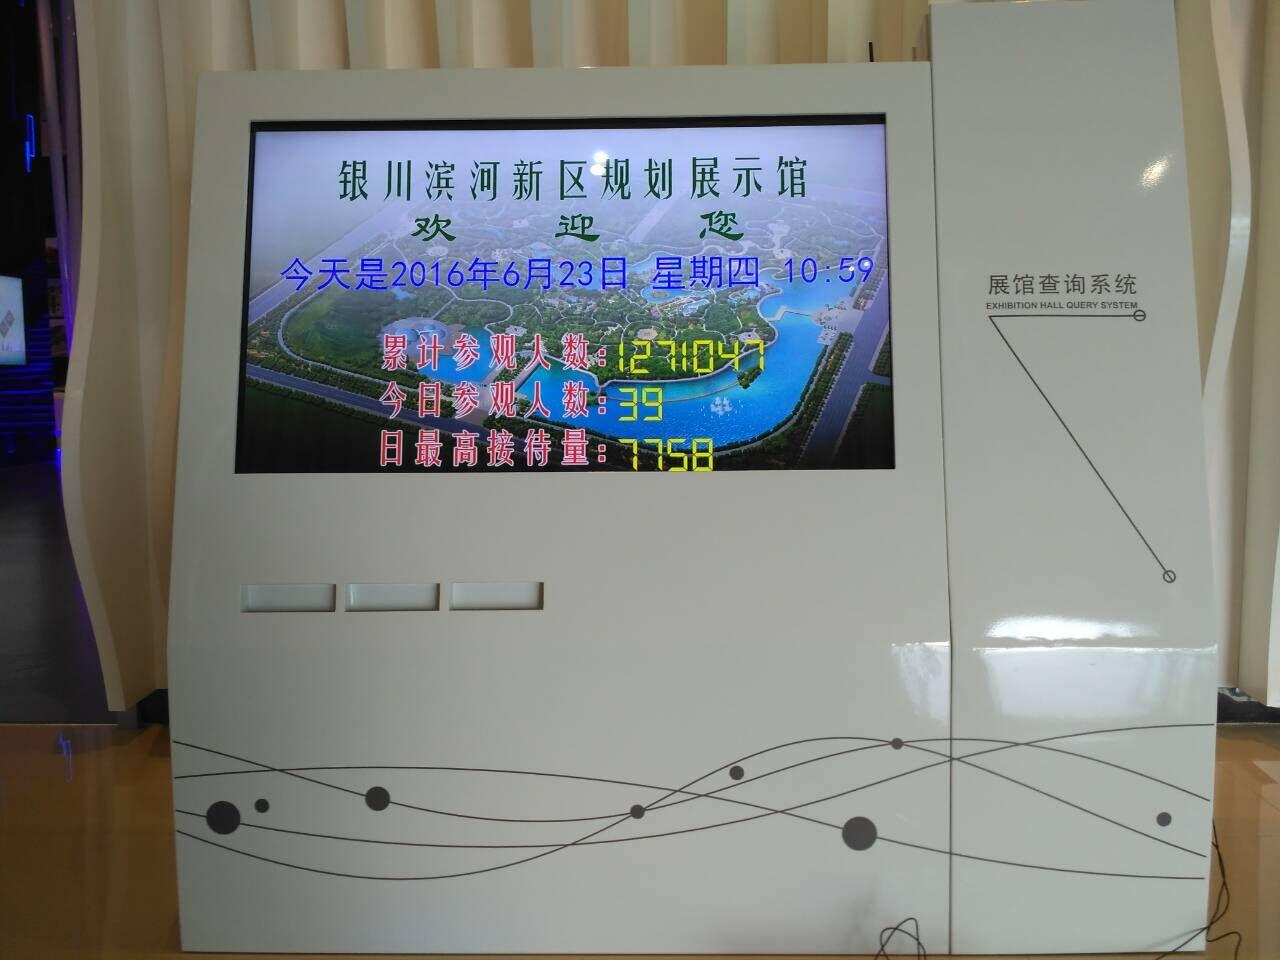 图书馆 景区 展览馆 博物馆 人流量 客流量计数器【LED电视输出】